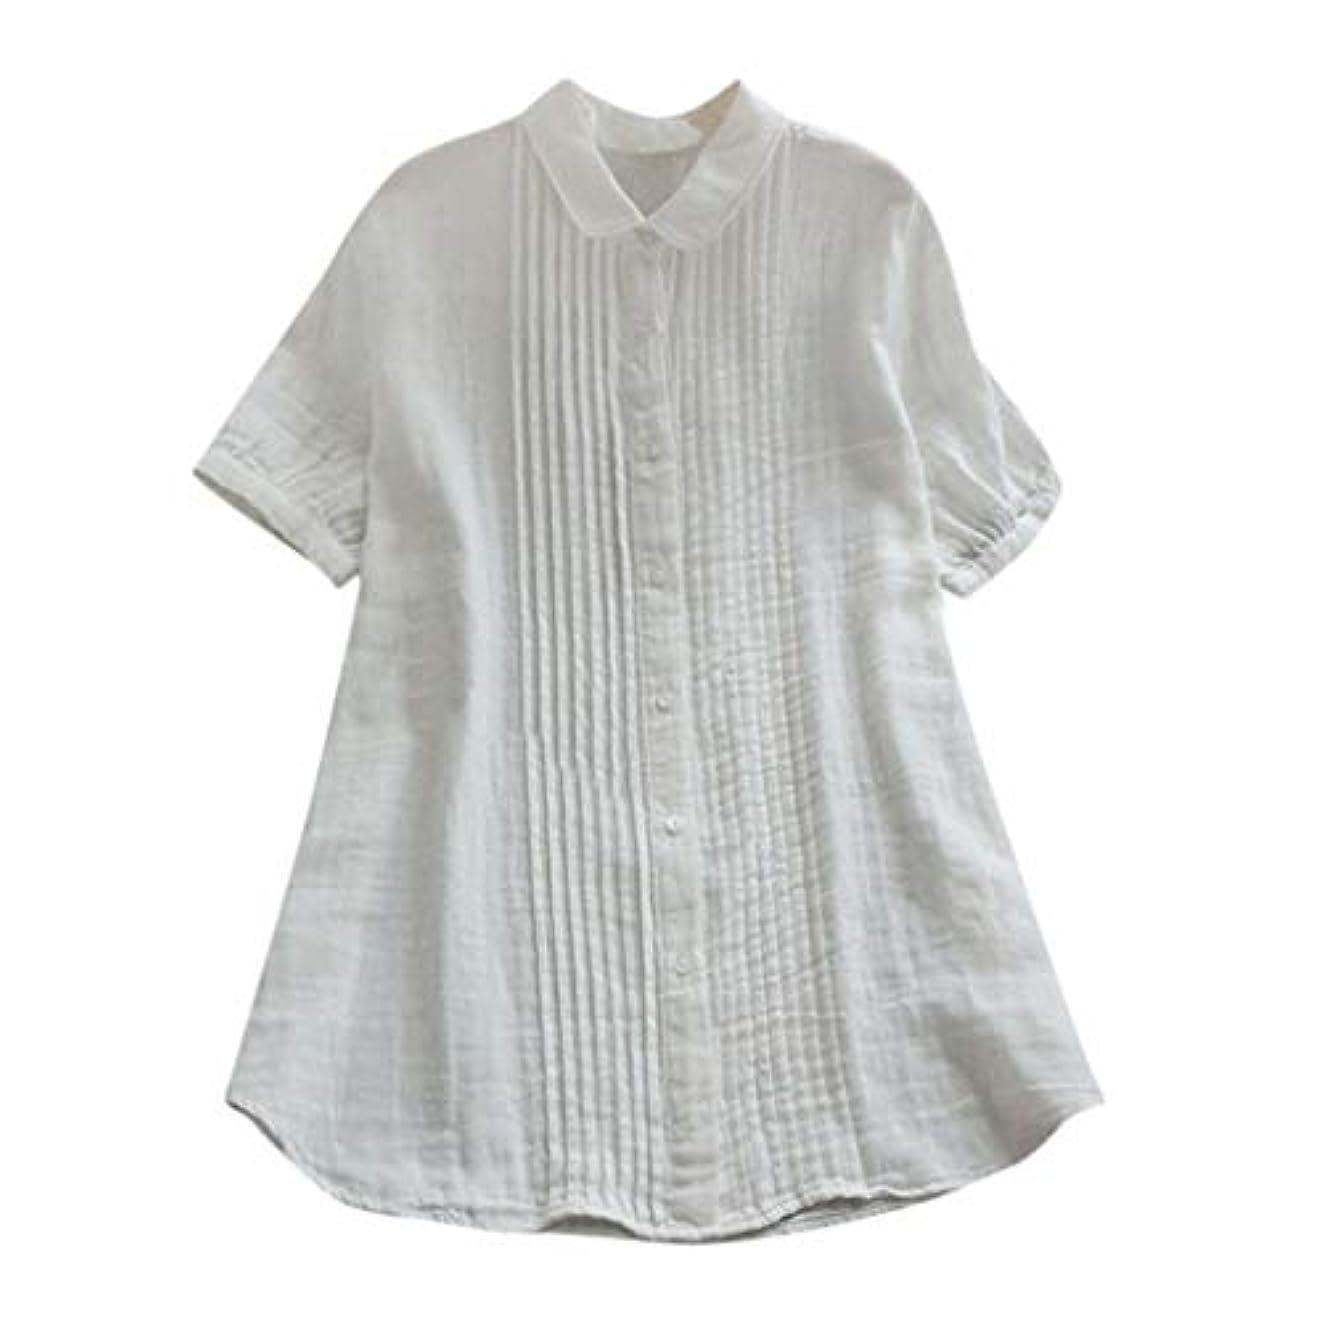 立法大騒ぎ有名人女性の半袖Tシャツ - ピーターパンカラー夏緩い無地カジュアルダウントップスブラウス (白, S)